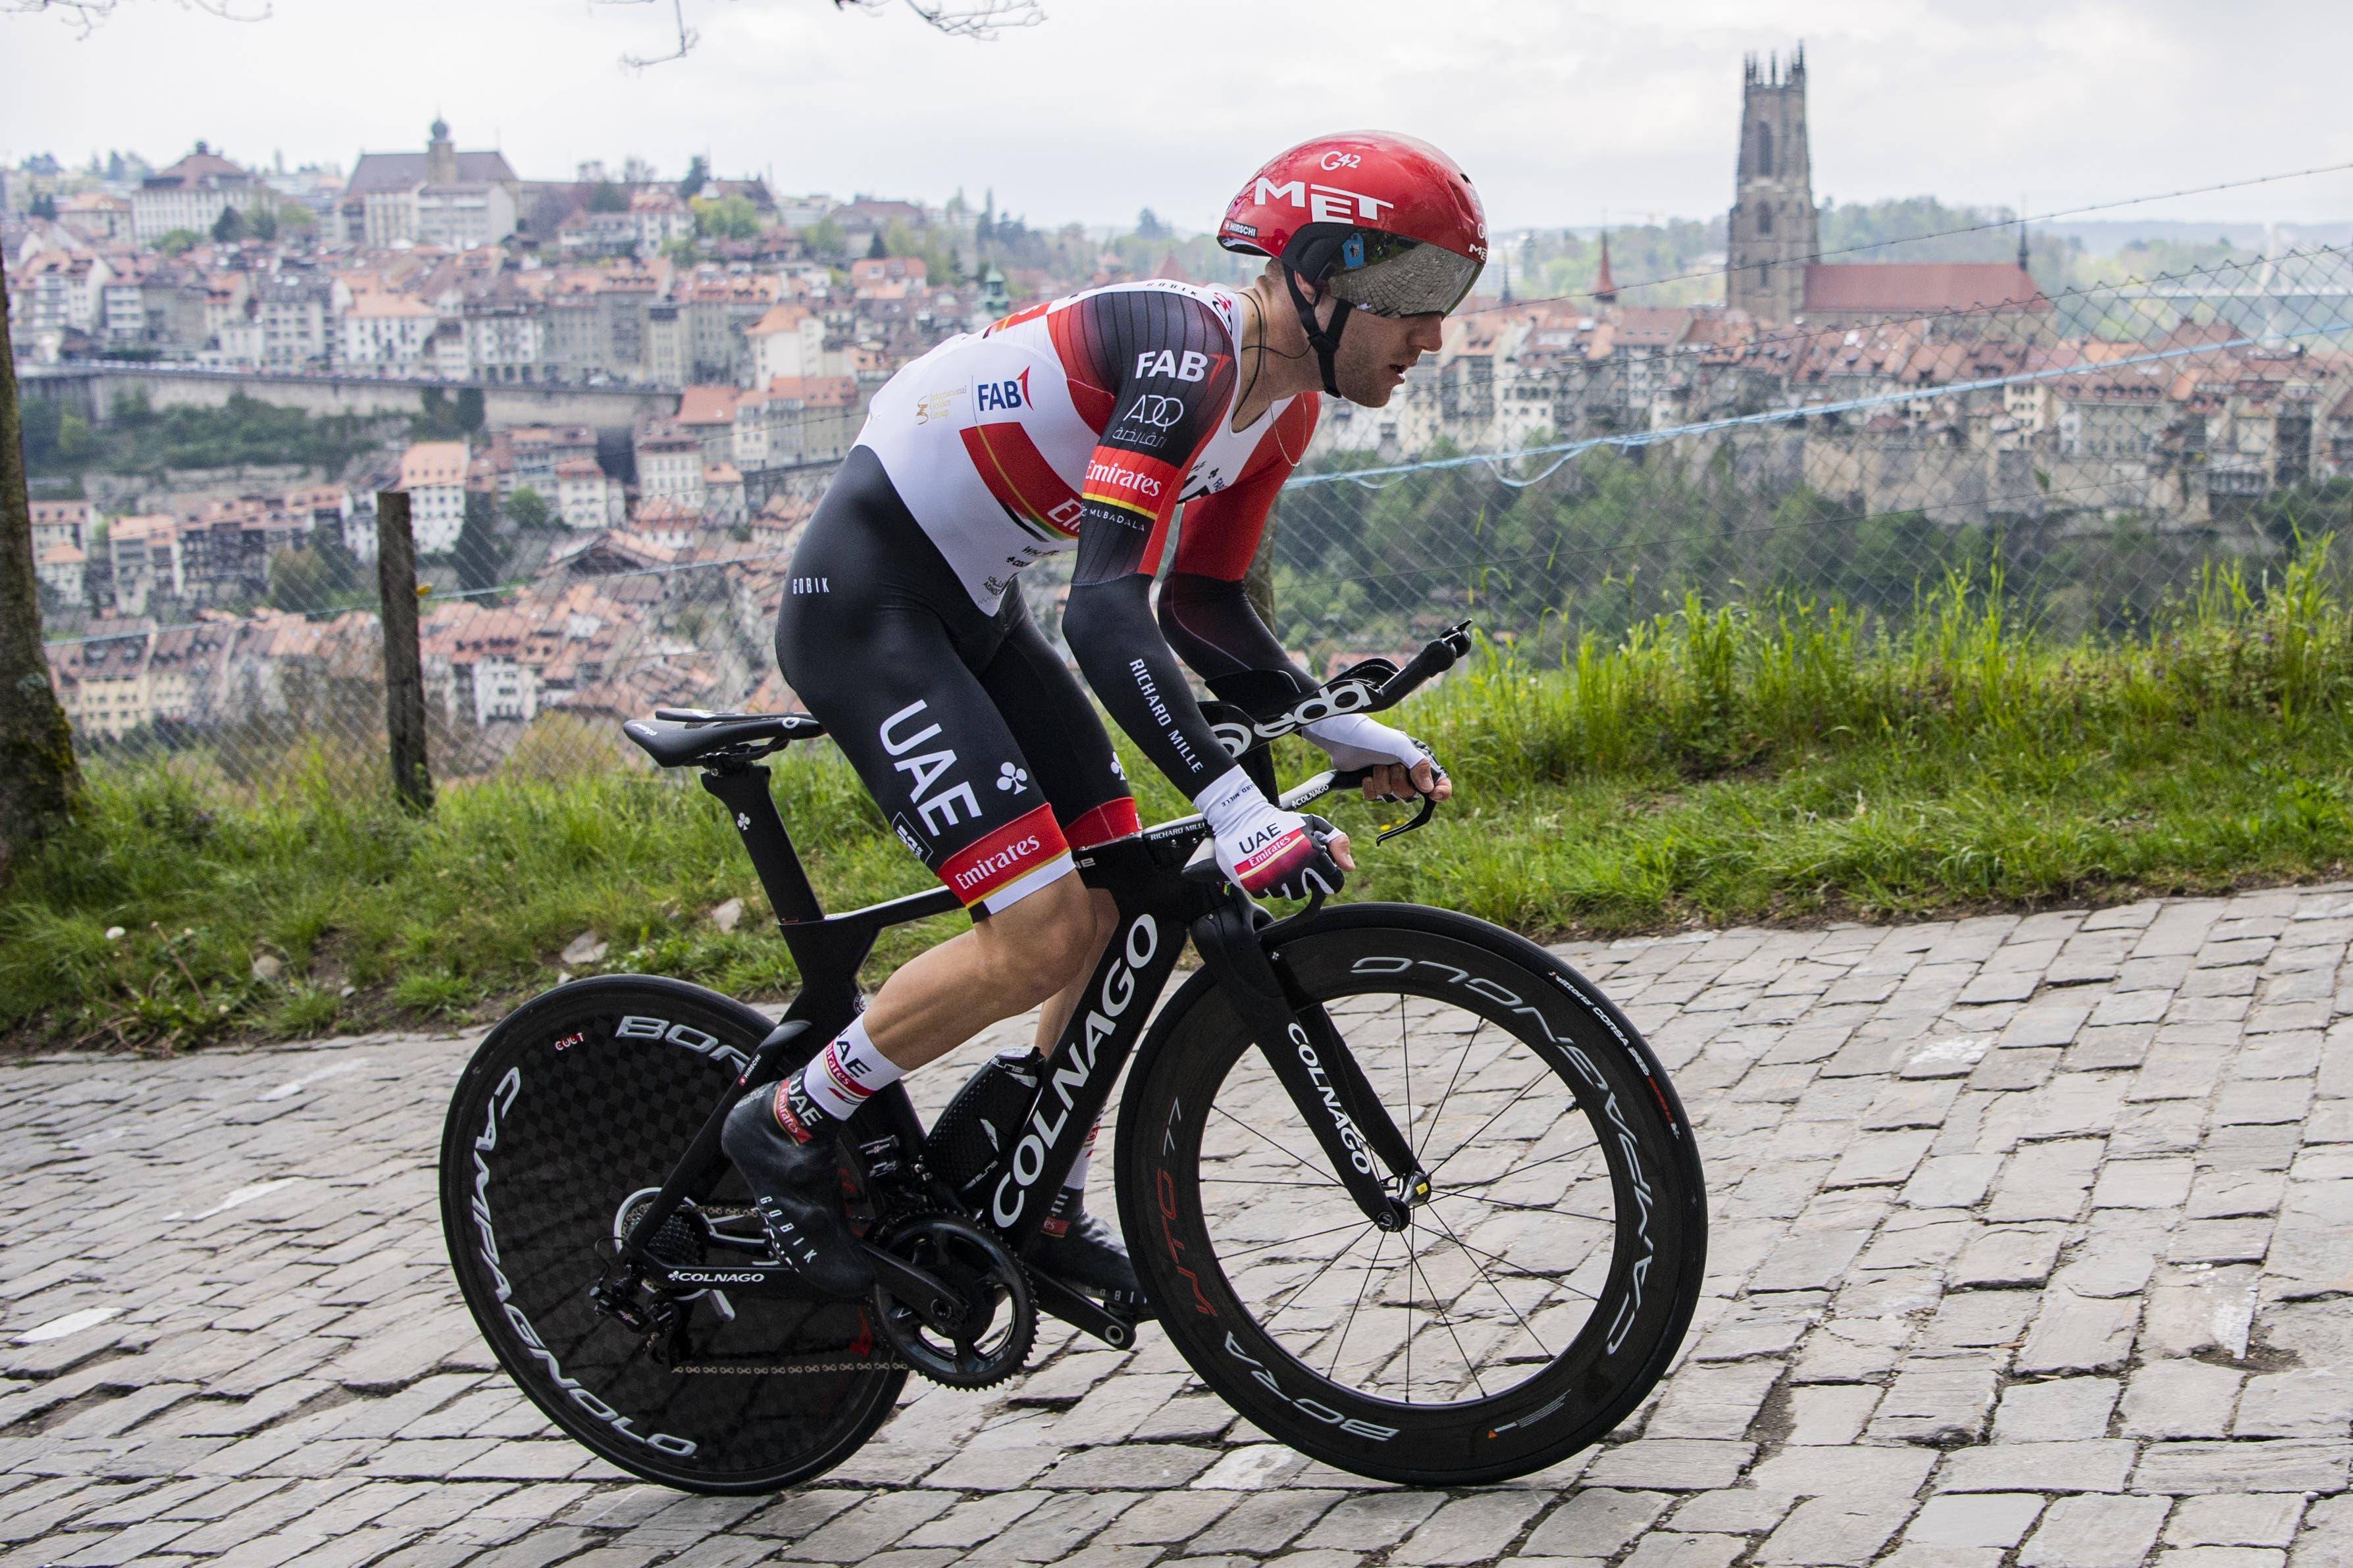 Marc Hirschi: Hirschi ist der neue Goldjunge des Schweizer Radsports. WM-Bronzenmedaillengewinner und Etappensieger an der Tour de France im letzten Jahr: Hirschi hat auf sich aufmerksam gemacht. Das will der 22-Jährige auch an der Tour de Suisse. Ihm sollten die zweite und dritte Etappe liegen. Das gelbe Trikot scheint für den Berner in Reichweite.